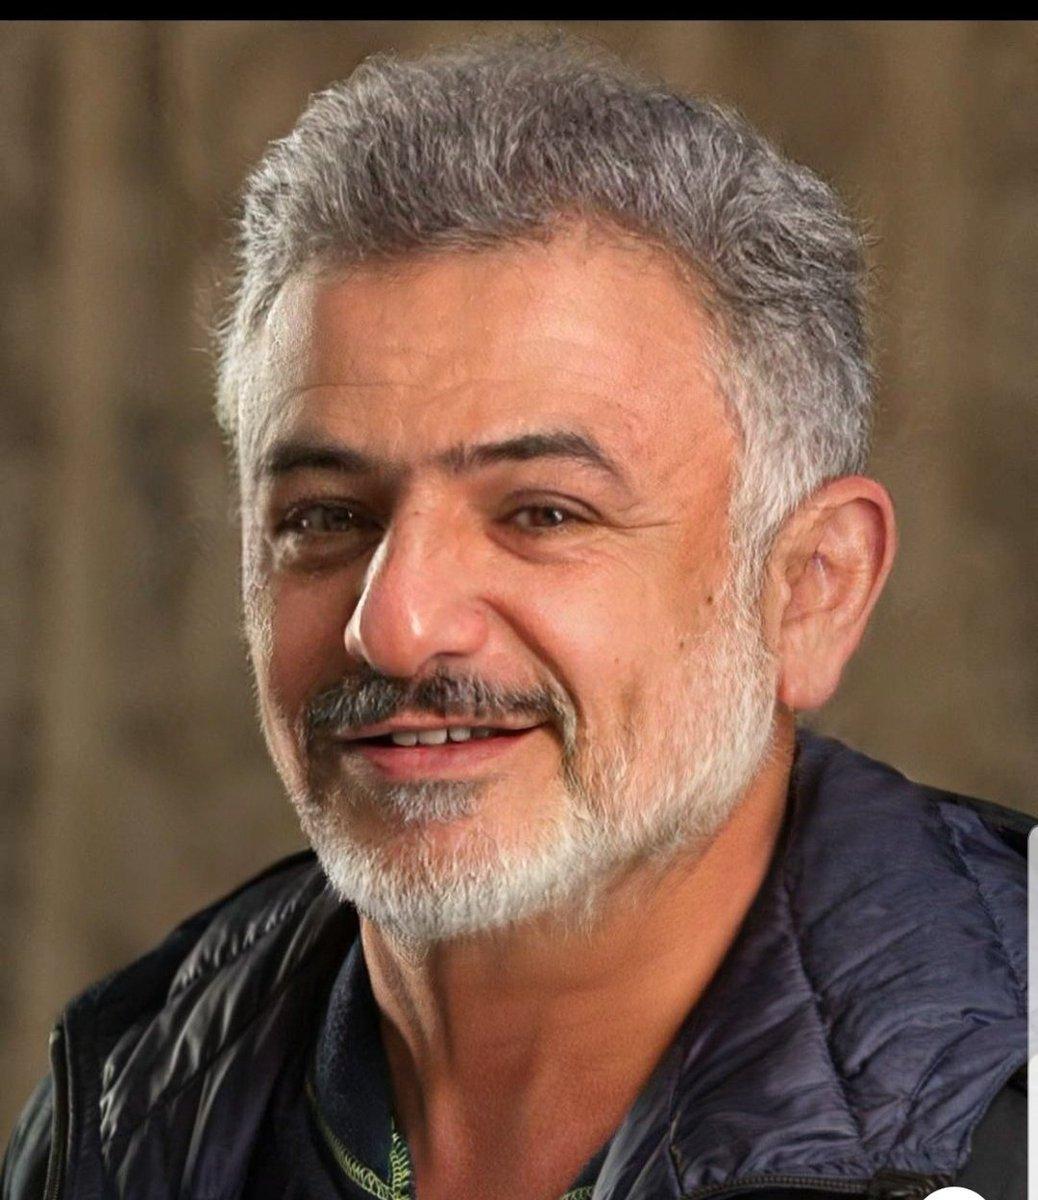 عبدالمجيد الفوزان On Twitter حتى وهو شايب يحب التميلح يالله حسن